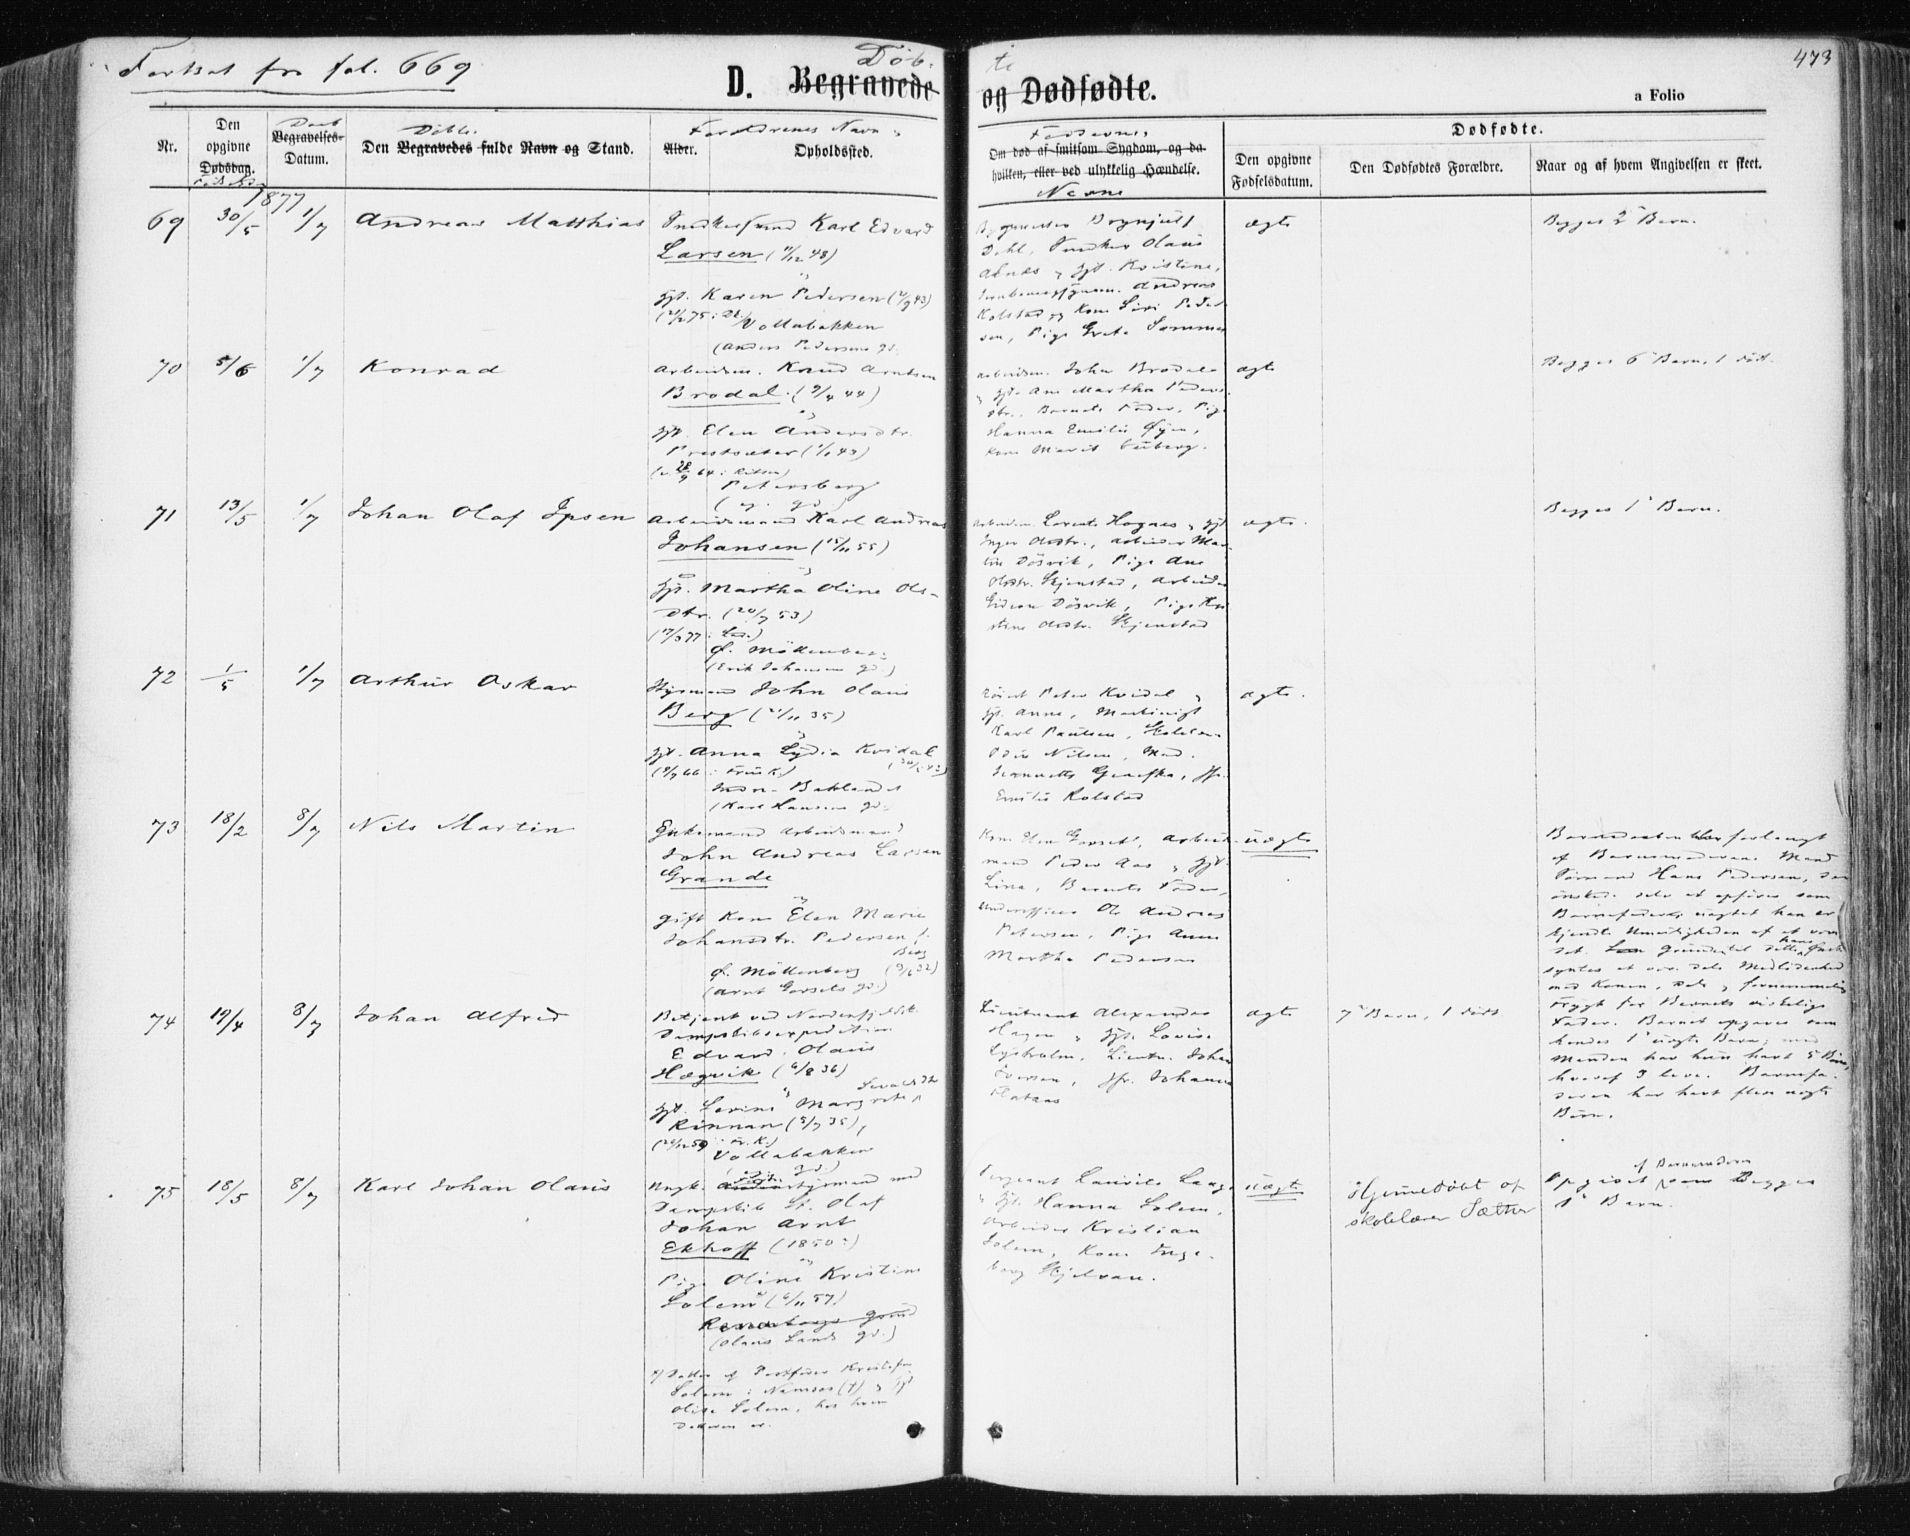 SAT, Ministerialprotokoller, klokkerbøker og fødselsregistre - Sør-Trøndelag, 604/L0186: Ministerialbok nr. 604A07, 1866-1877, s. 473